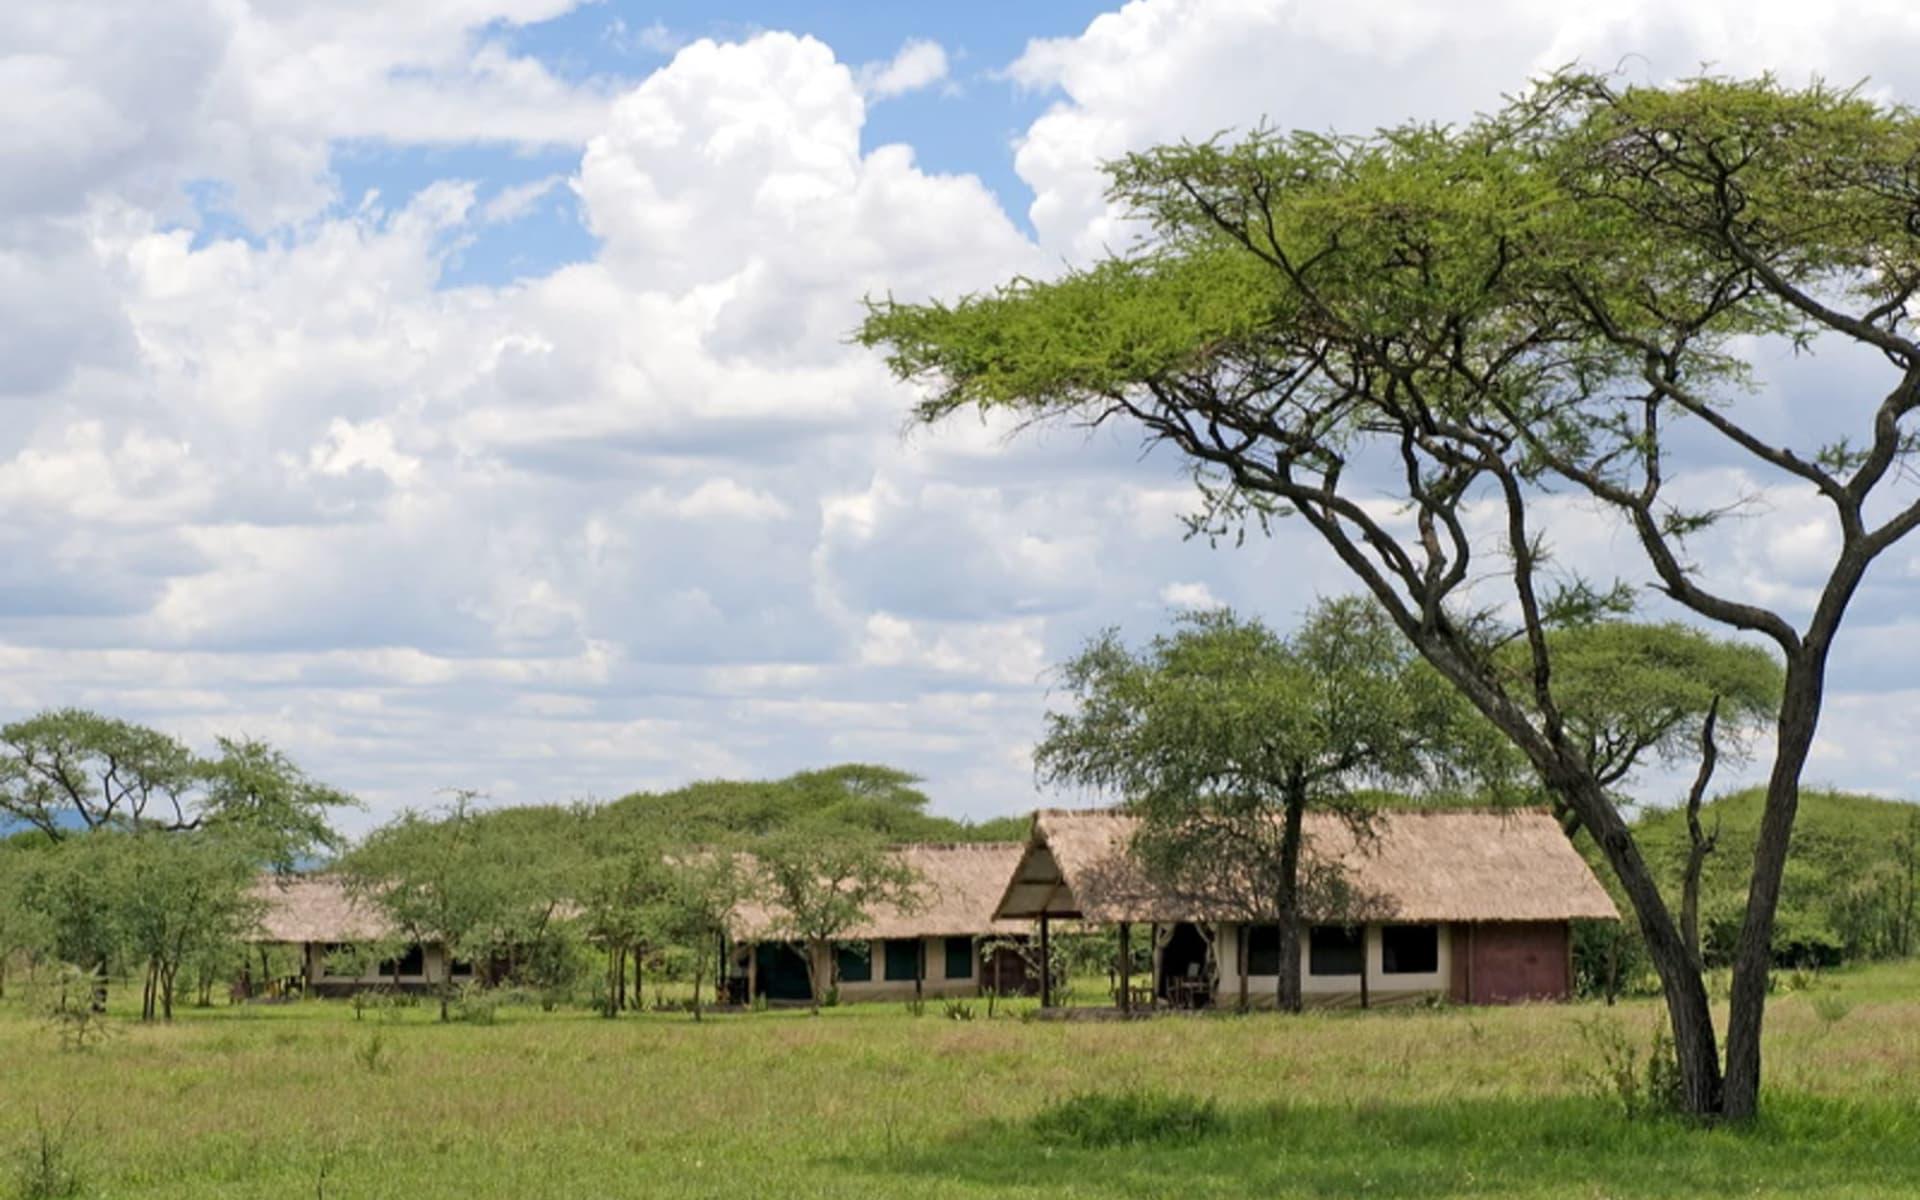 Ikoma Tented Camp in Serengeti: